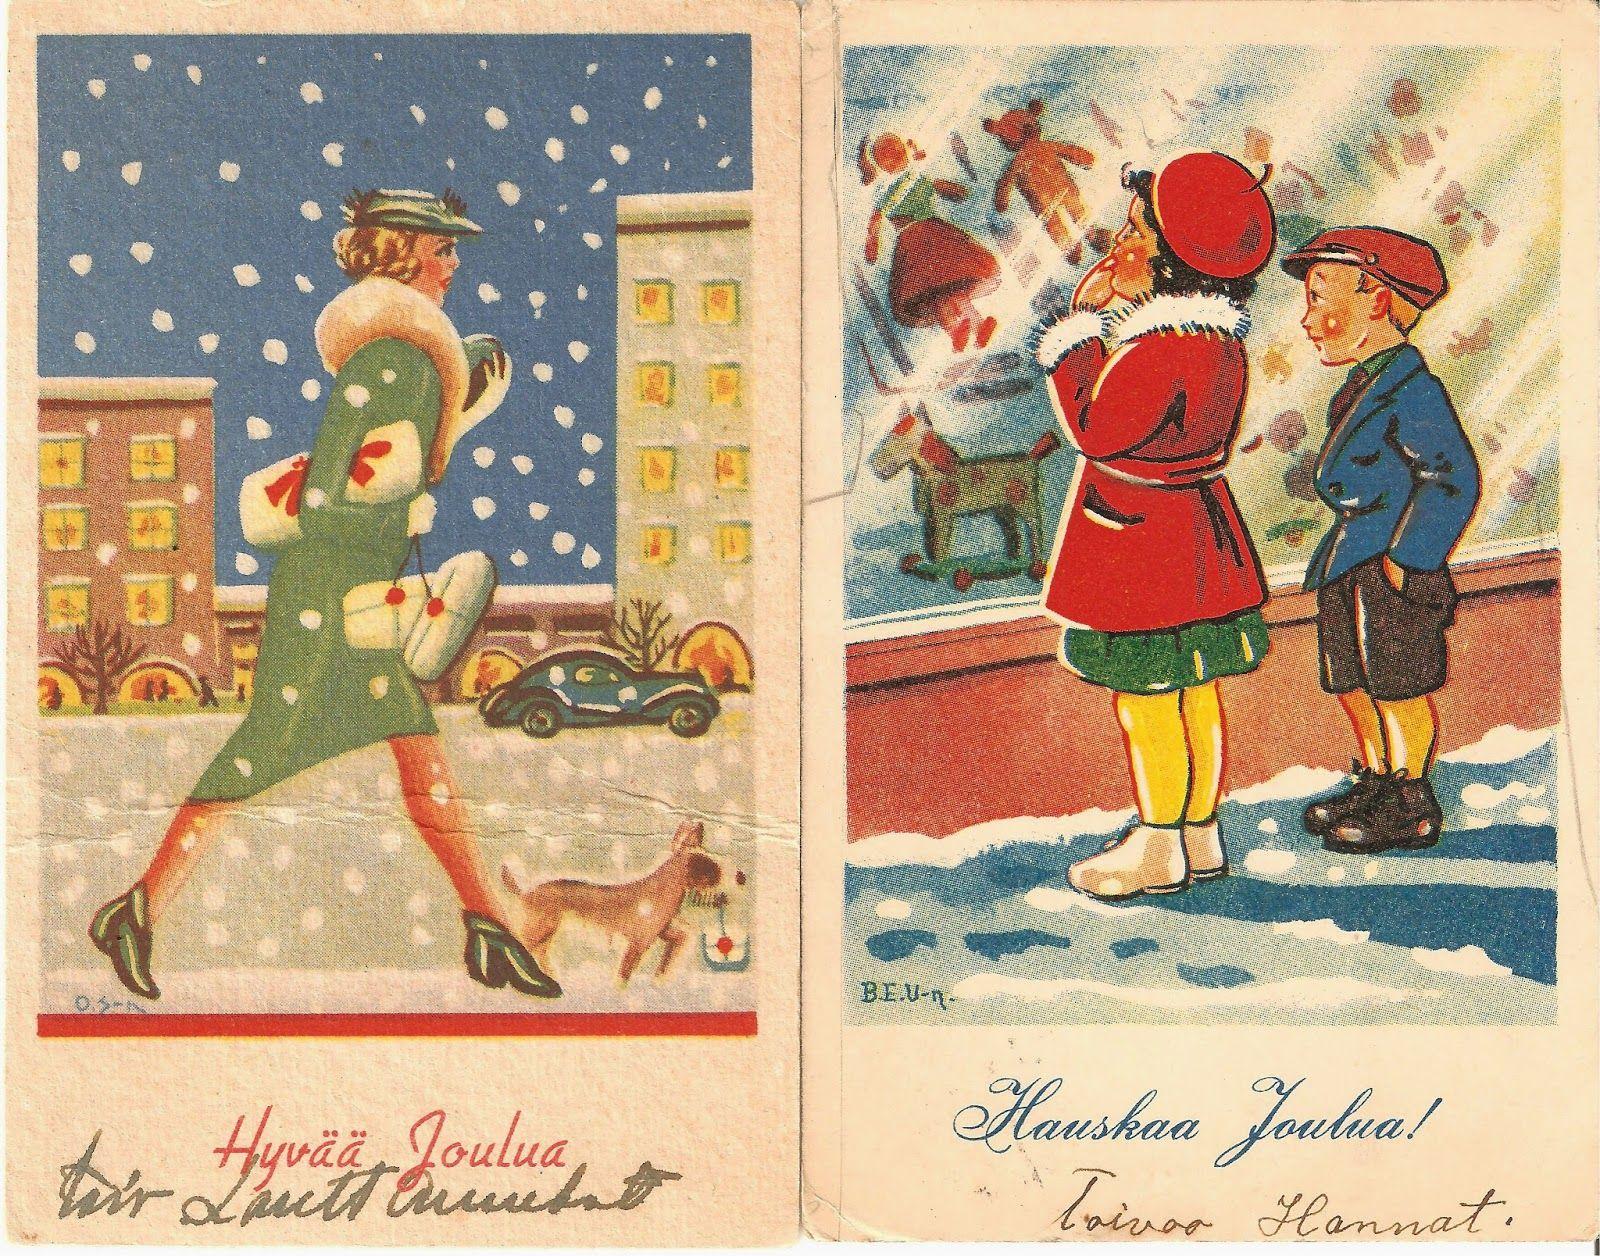 Tässä muutamia esimerkkejä keräämistäni joulukorteista.                Tämän kortin on piirtänyt Nerman.                              ...